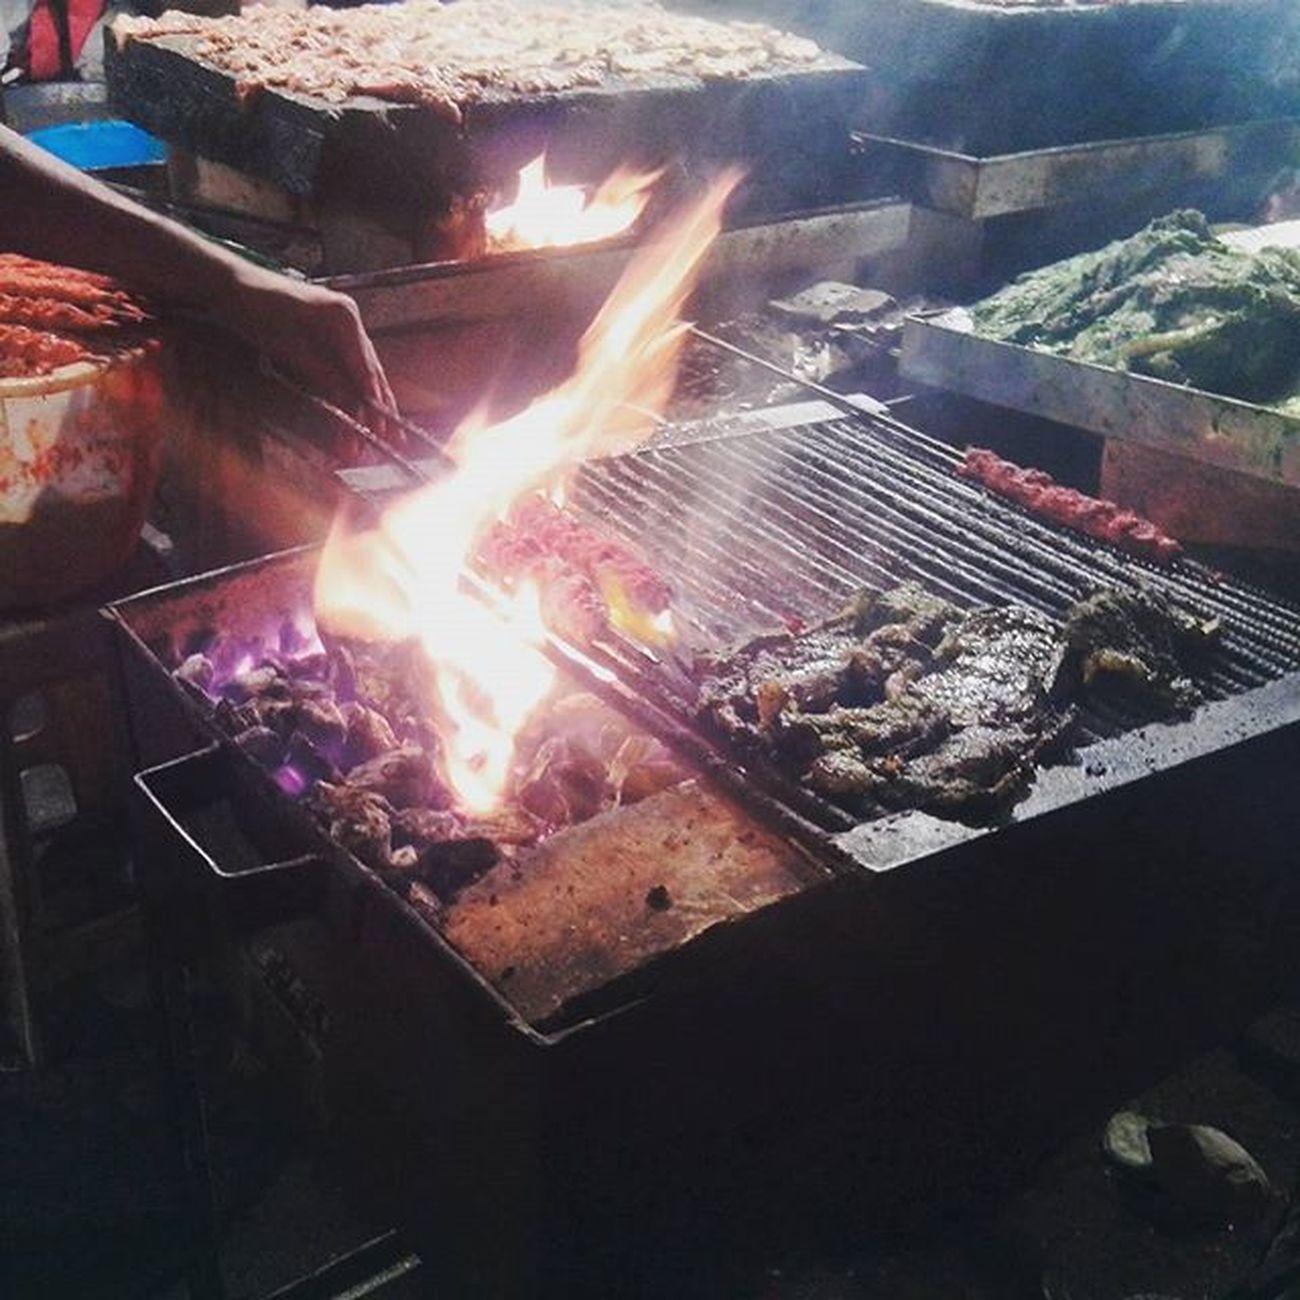 Streetfood Foodfest Ramzan Mosqueroad Fazertown Bengaluru Bangalore JD JDphotography